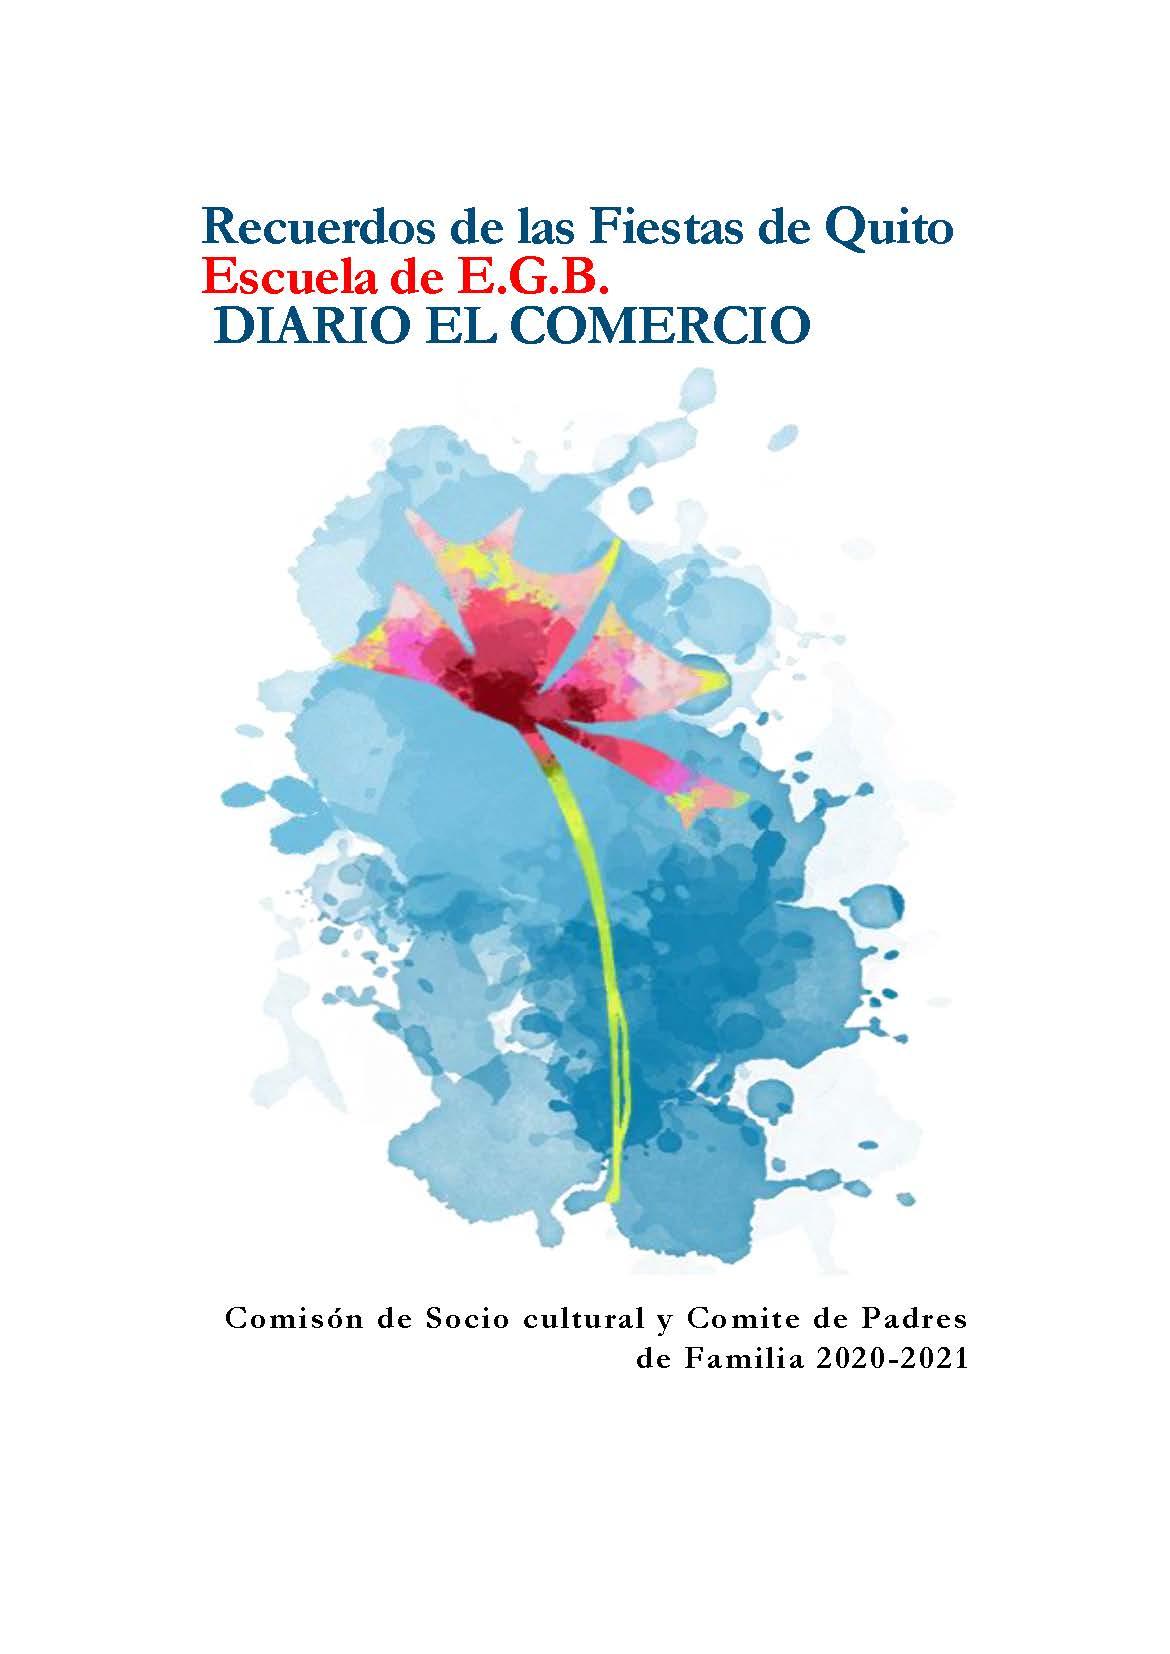 Recuerdos de las Fiestas de Quito Escuela de E.G.B. DIARIO EL COMERCIO Imagen 1